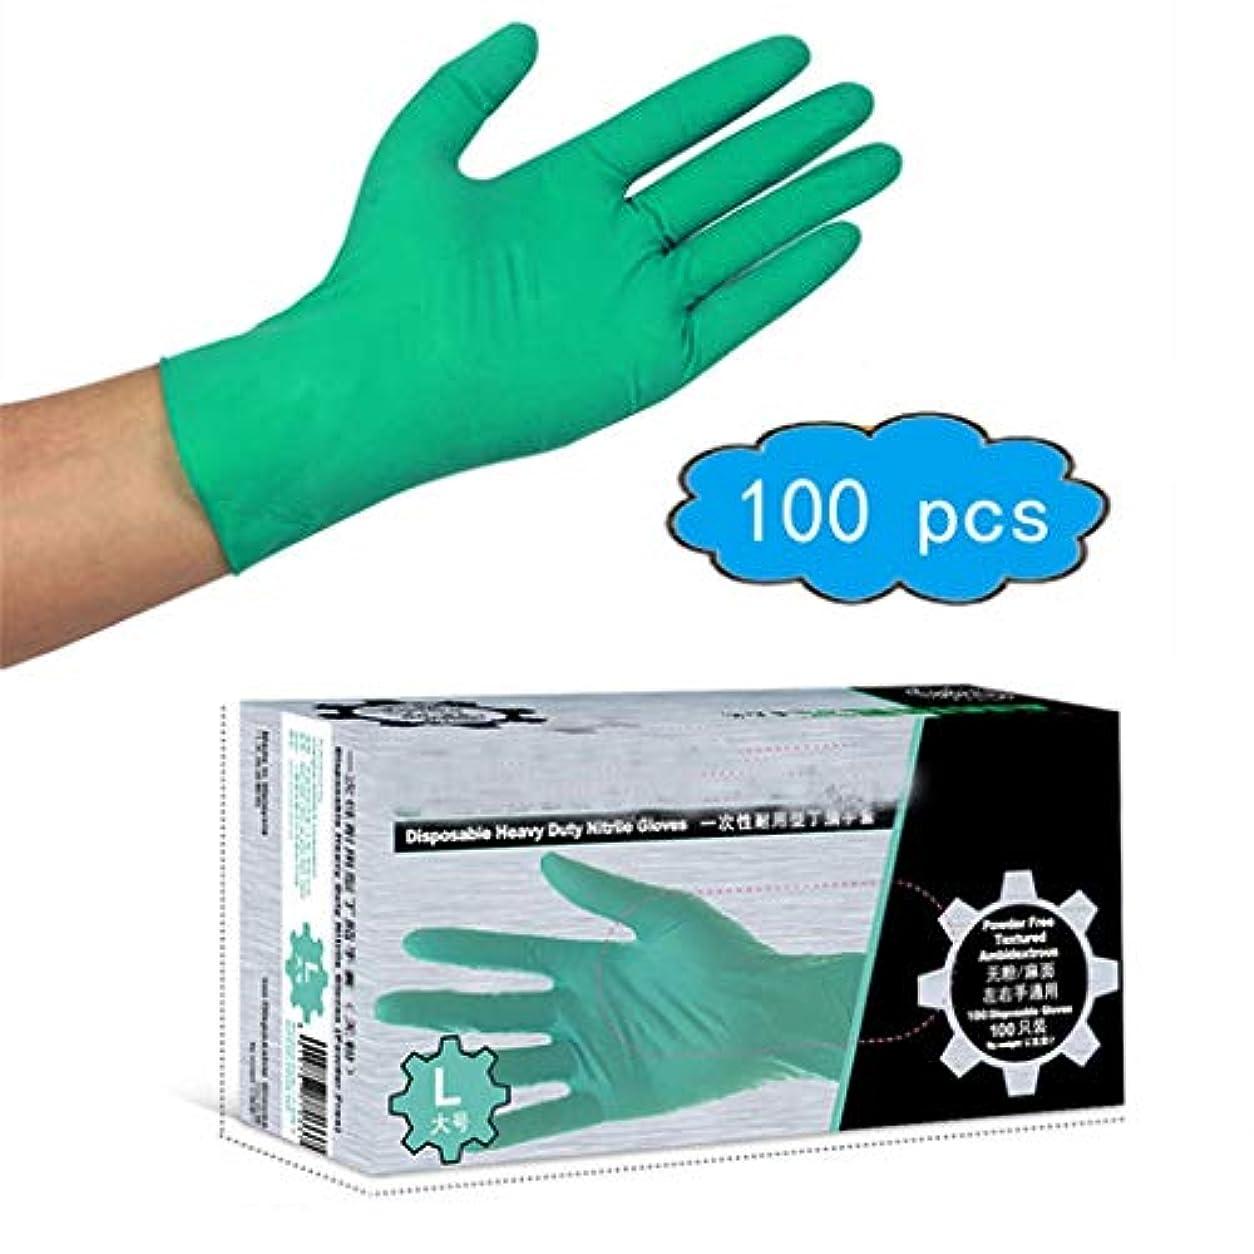 アンペアプーノ弓使い捨てニトリル手袋、100箱、厚くて耐久性のある、緑、ニトリル研究所、耐油性、酸およびアルカリ、食品用手袋 (Color : Green, Size : L)